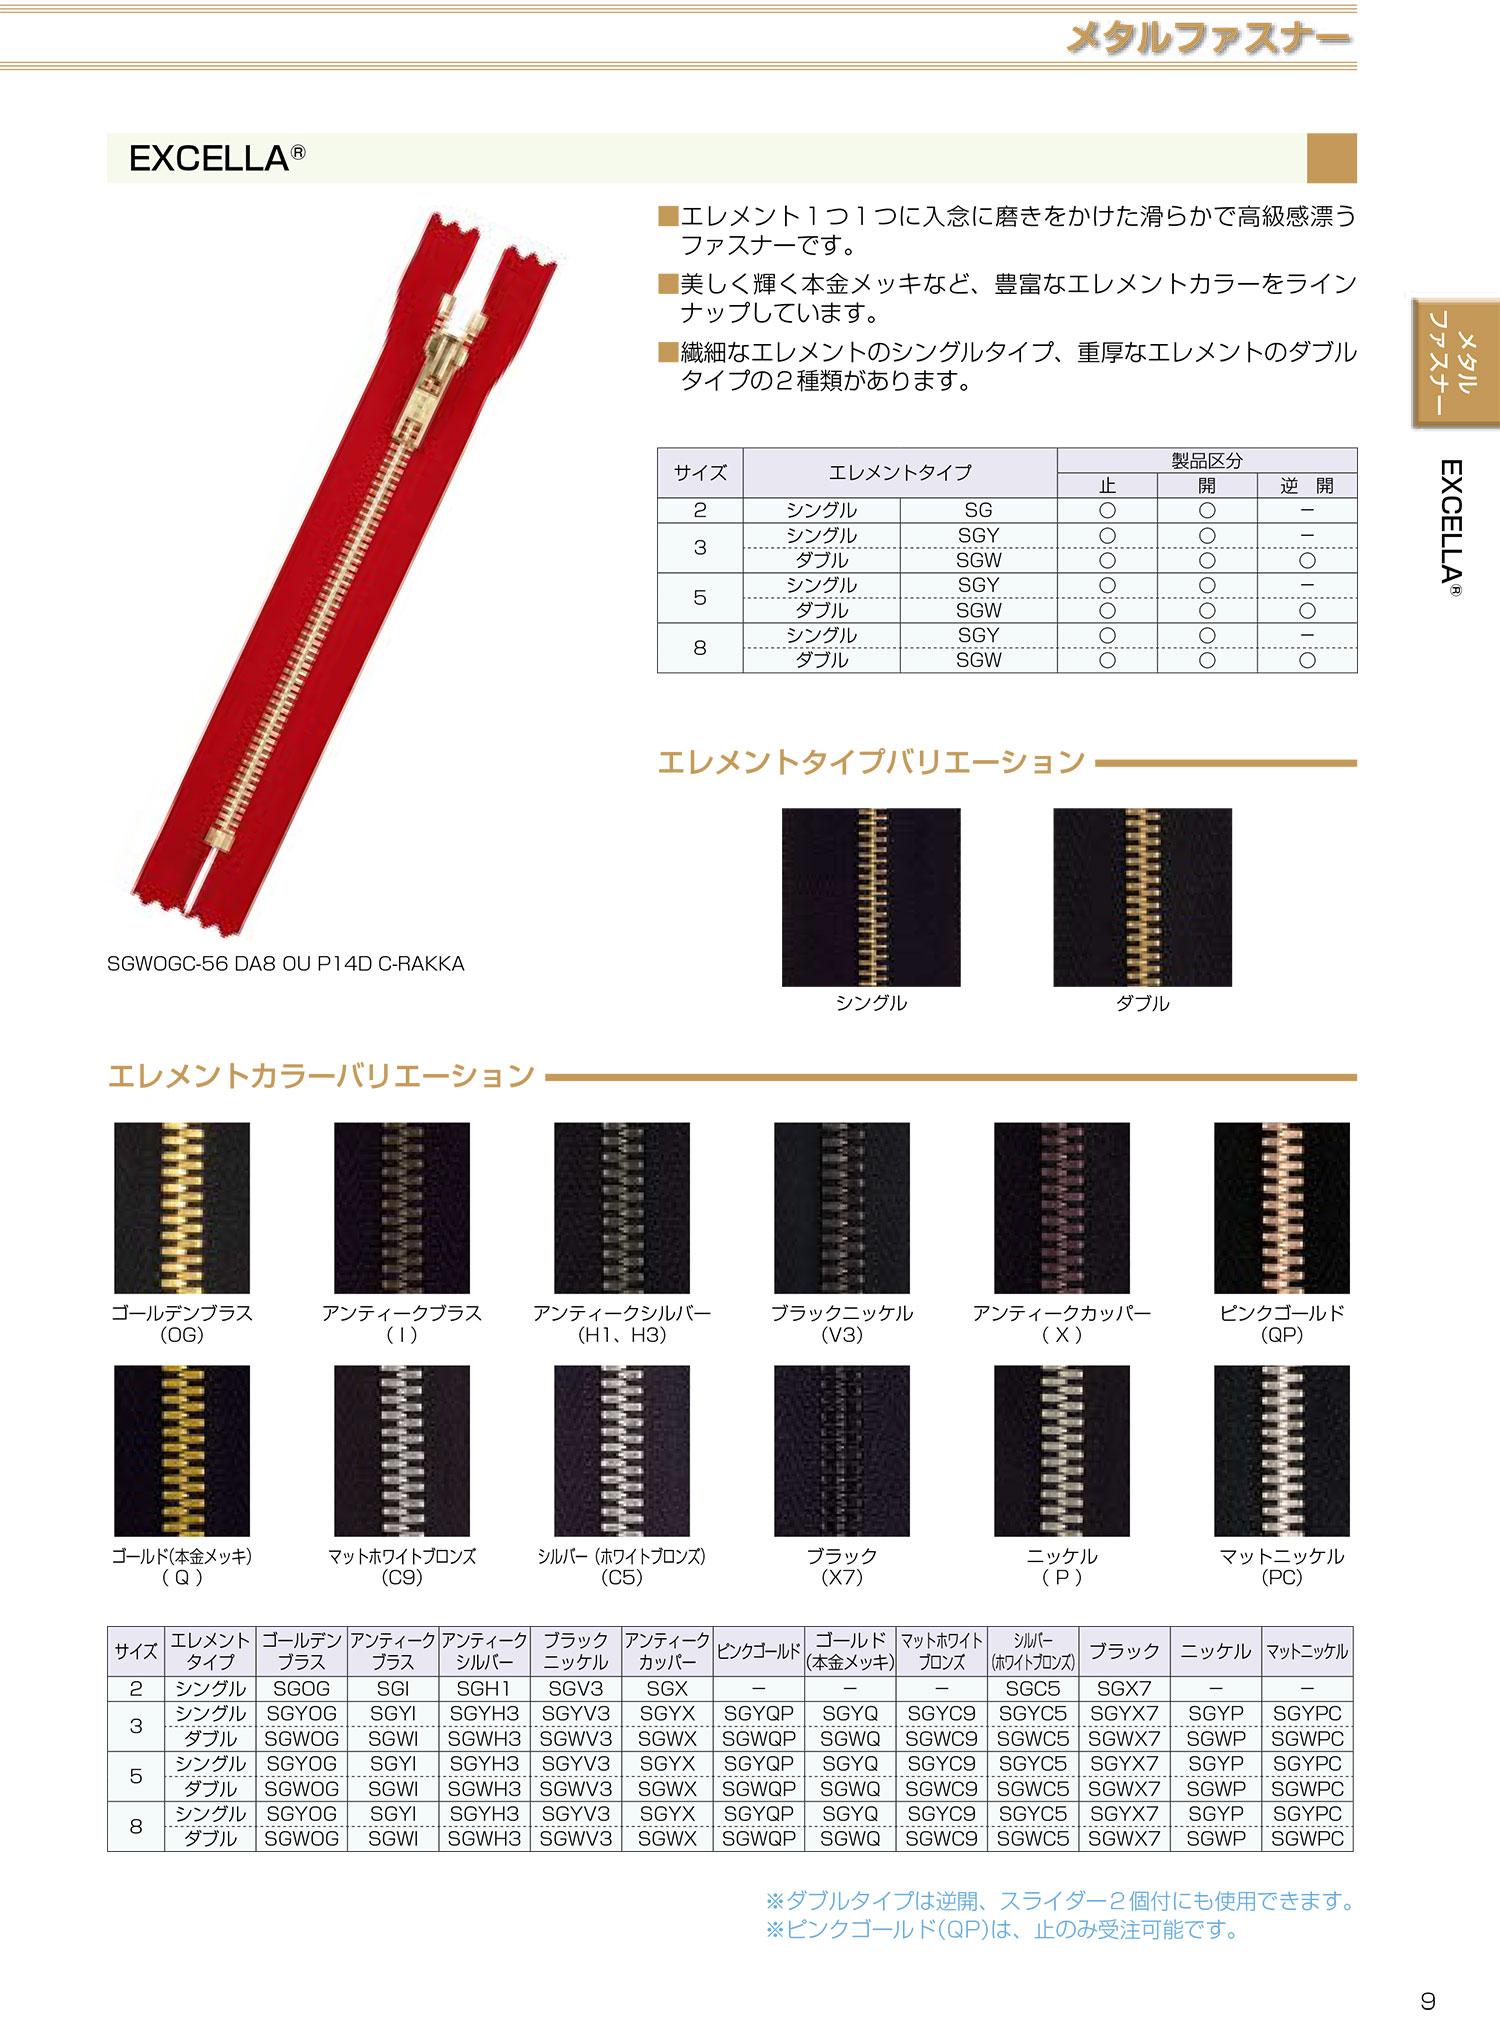 8SGWOGC エクセラ 8サイズ ゴールデンブラス 止め ダブル[ファスナー] YKK/オークラ商事 - ApparelX アパレル資材卸通販